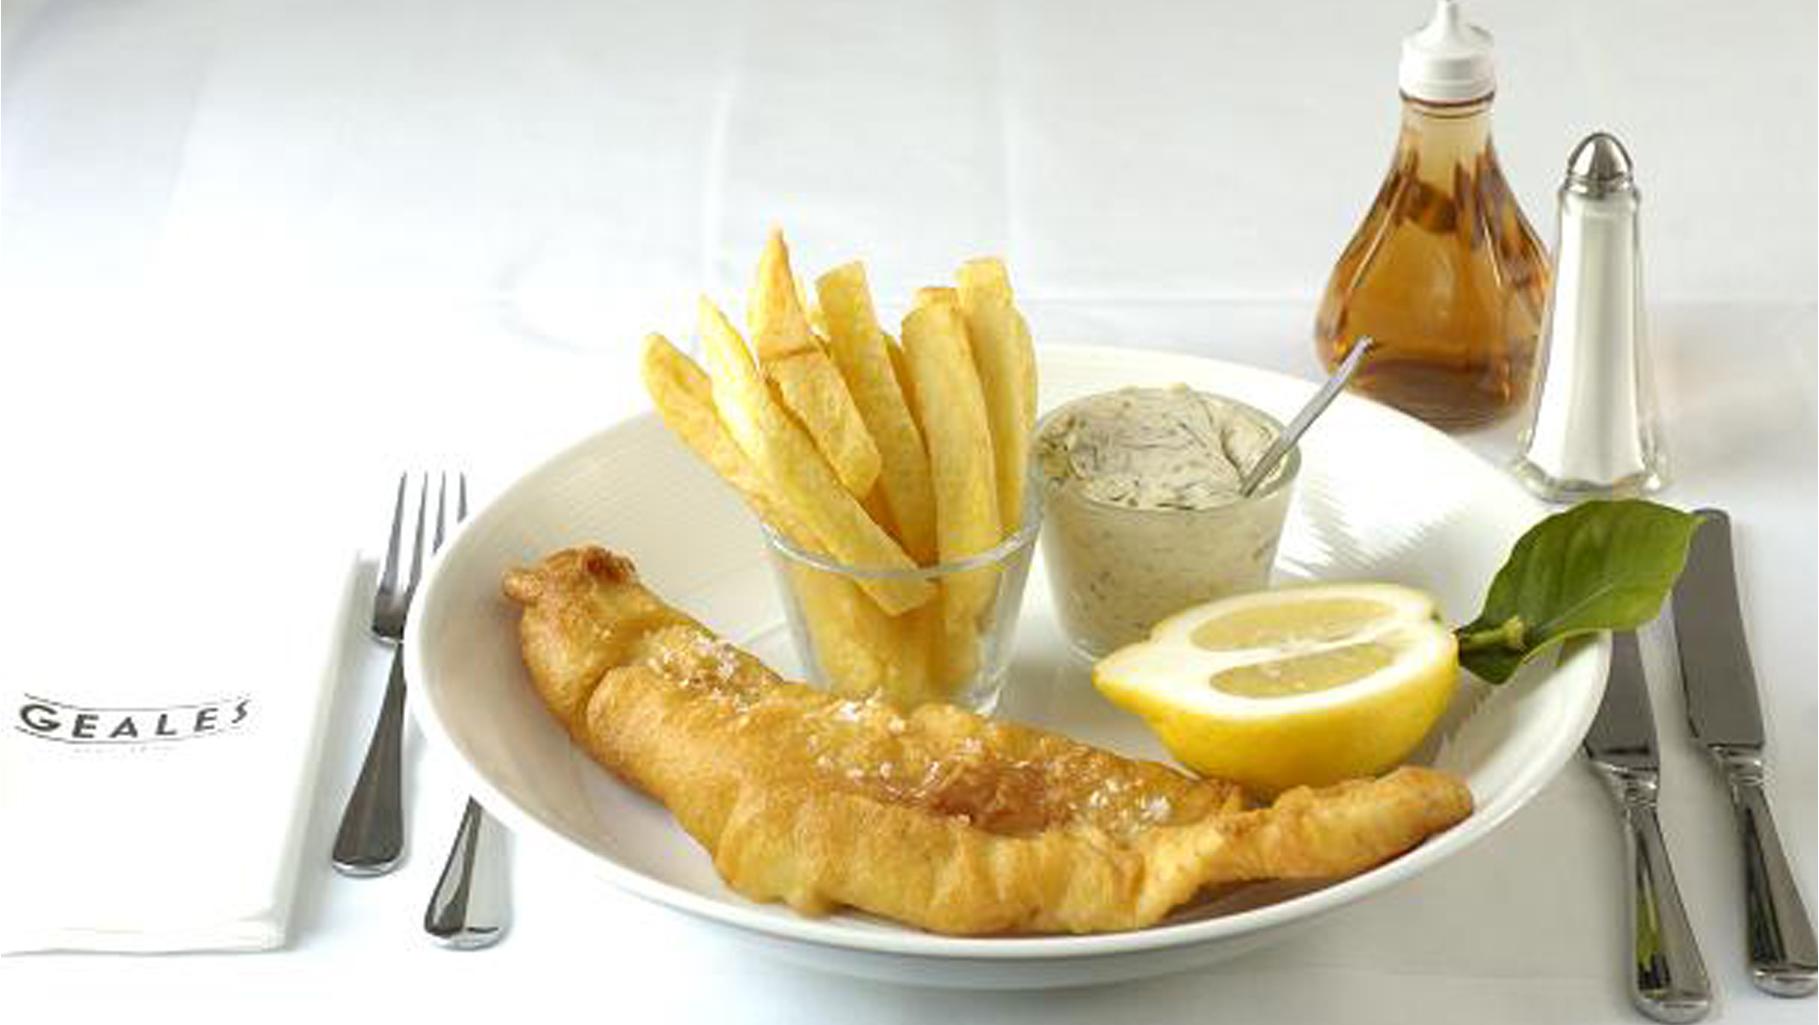 Light Bite Fish & Chips